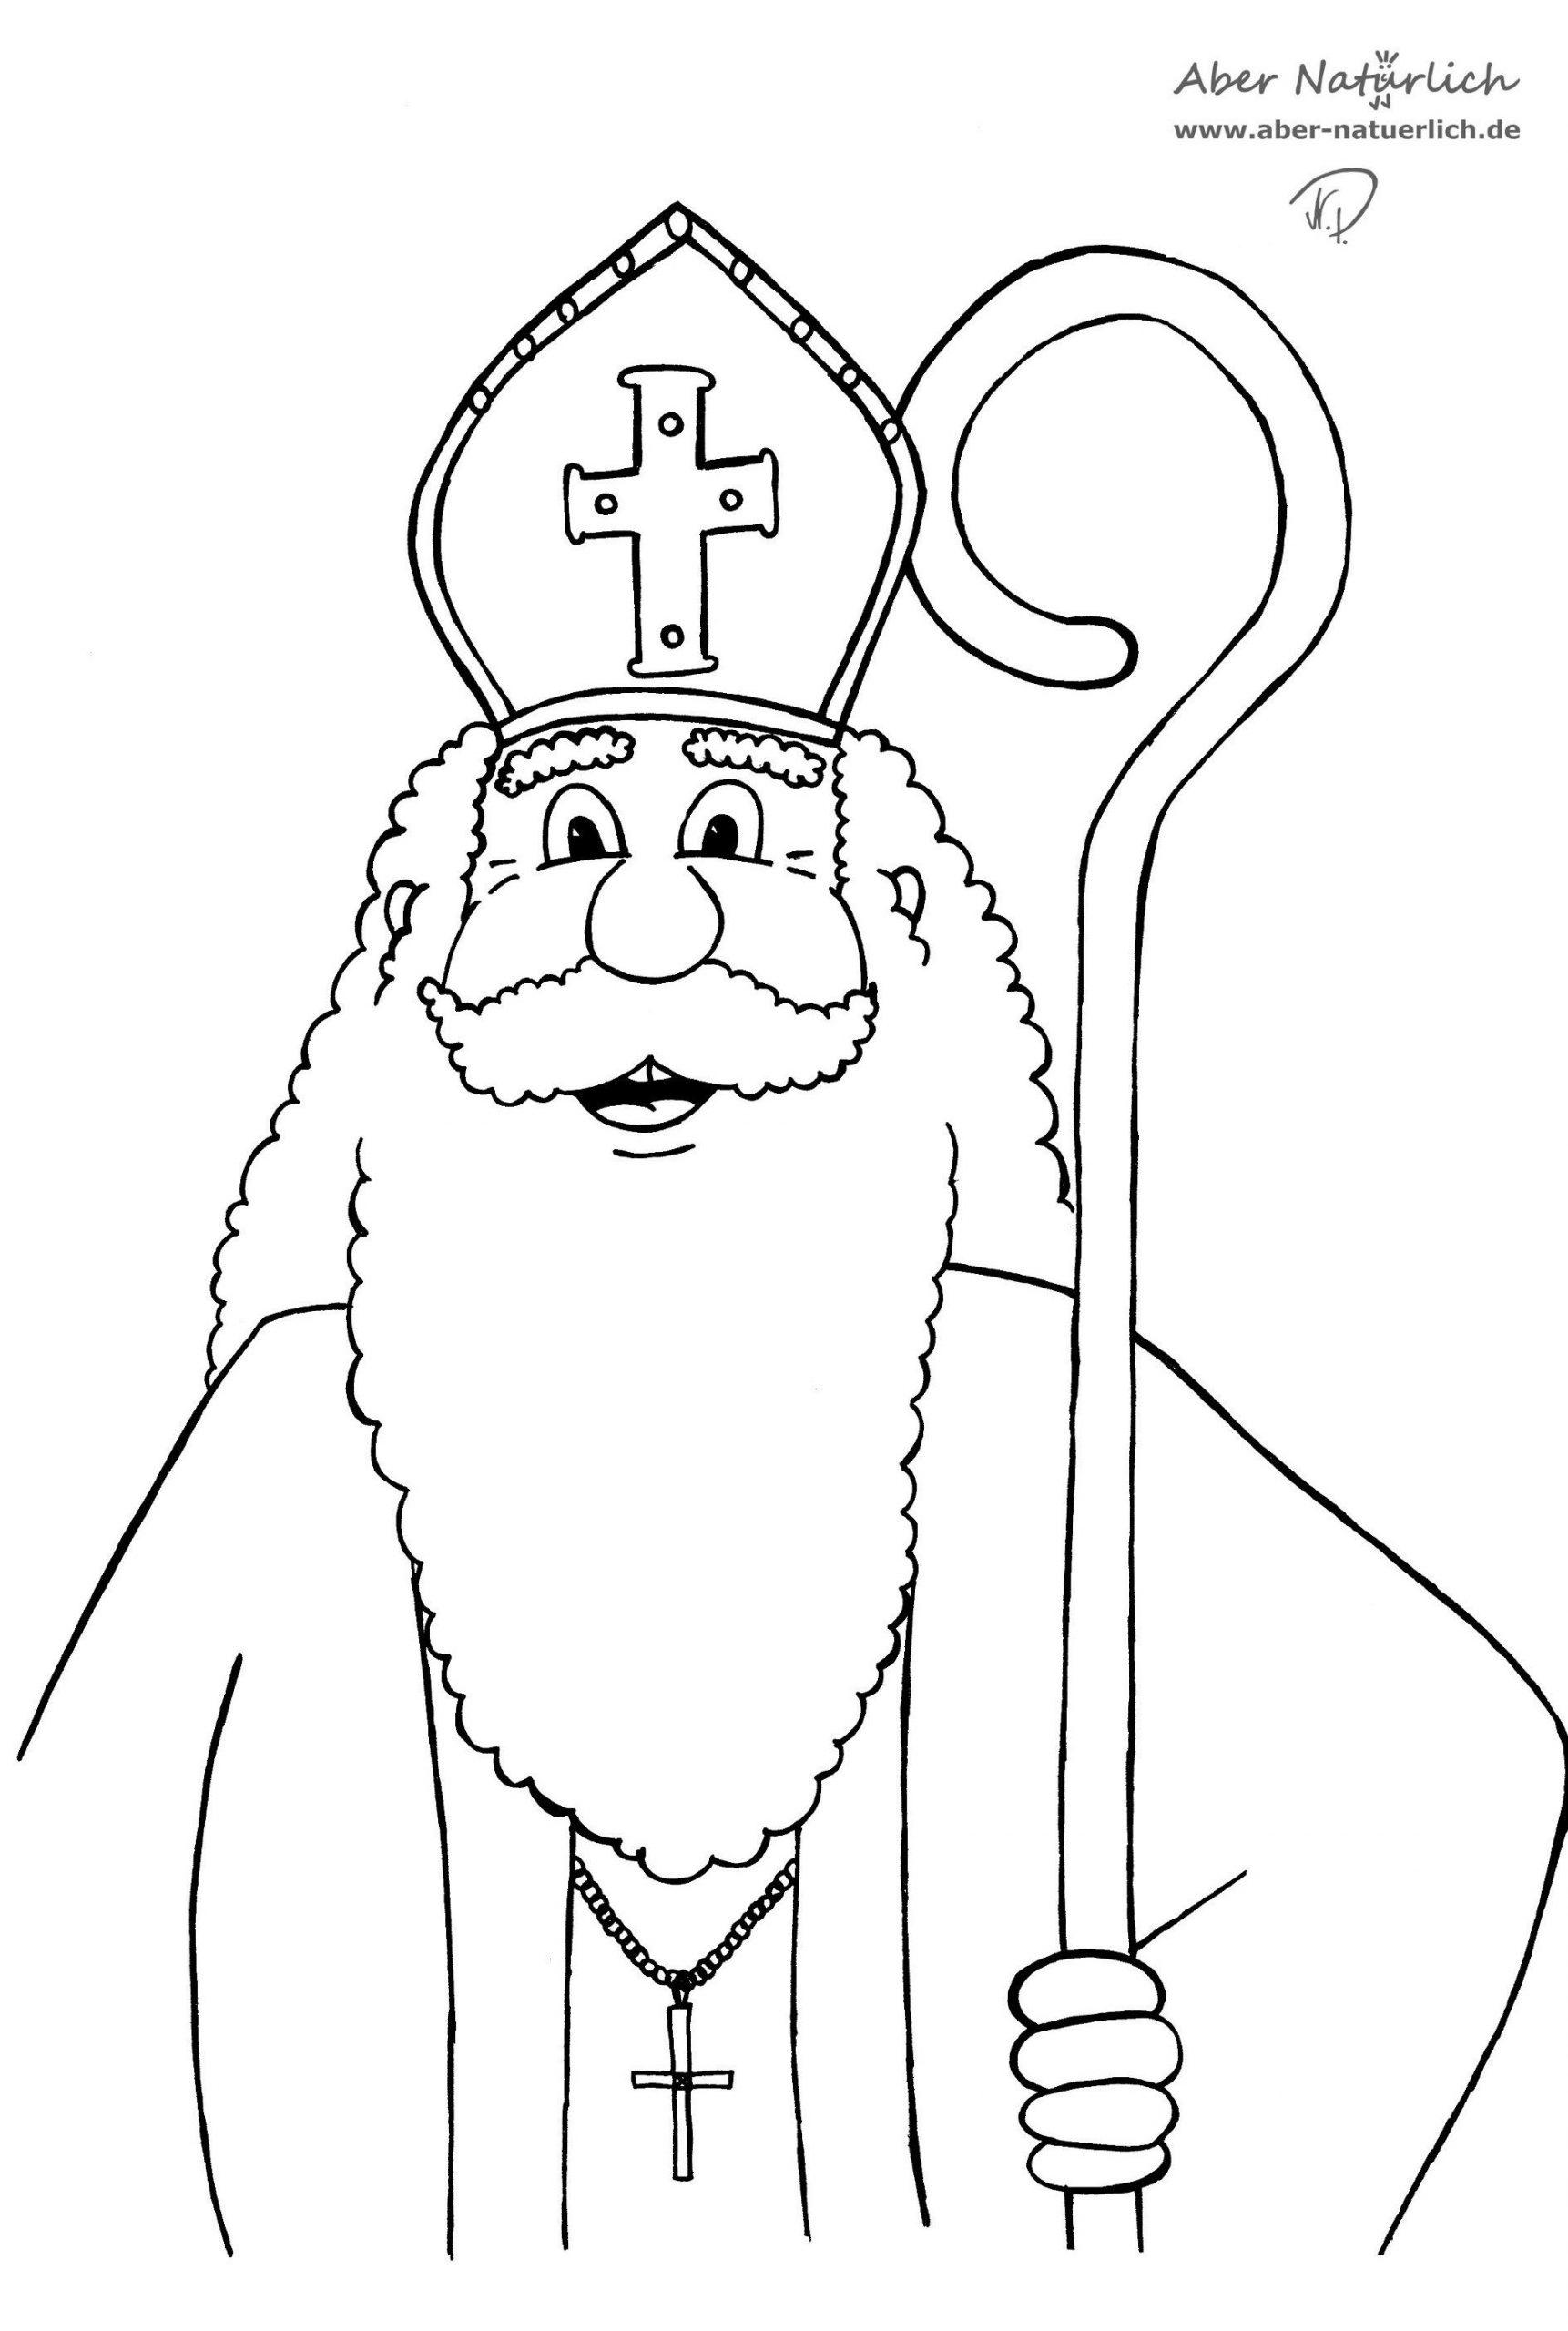 Ausmalbilder Nikolaus (Saint Nicholas) (Mit Bildern ganzes Ausmalbilder Nikolaus